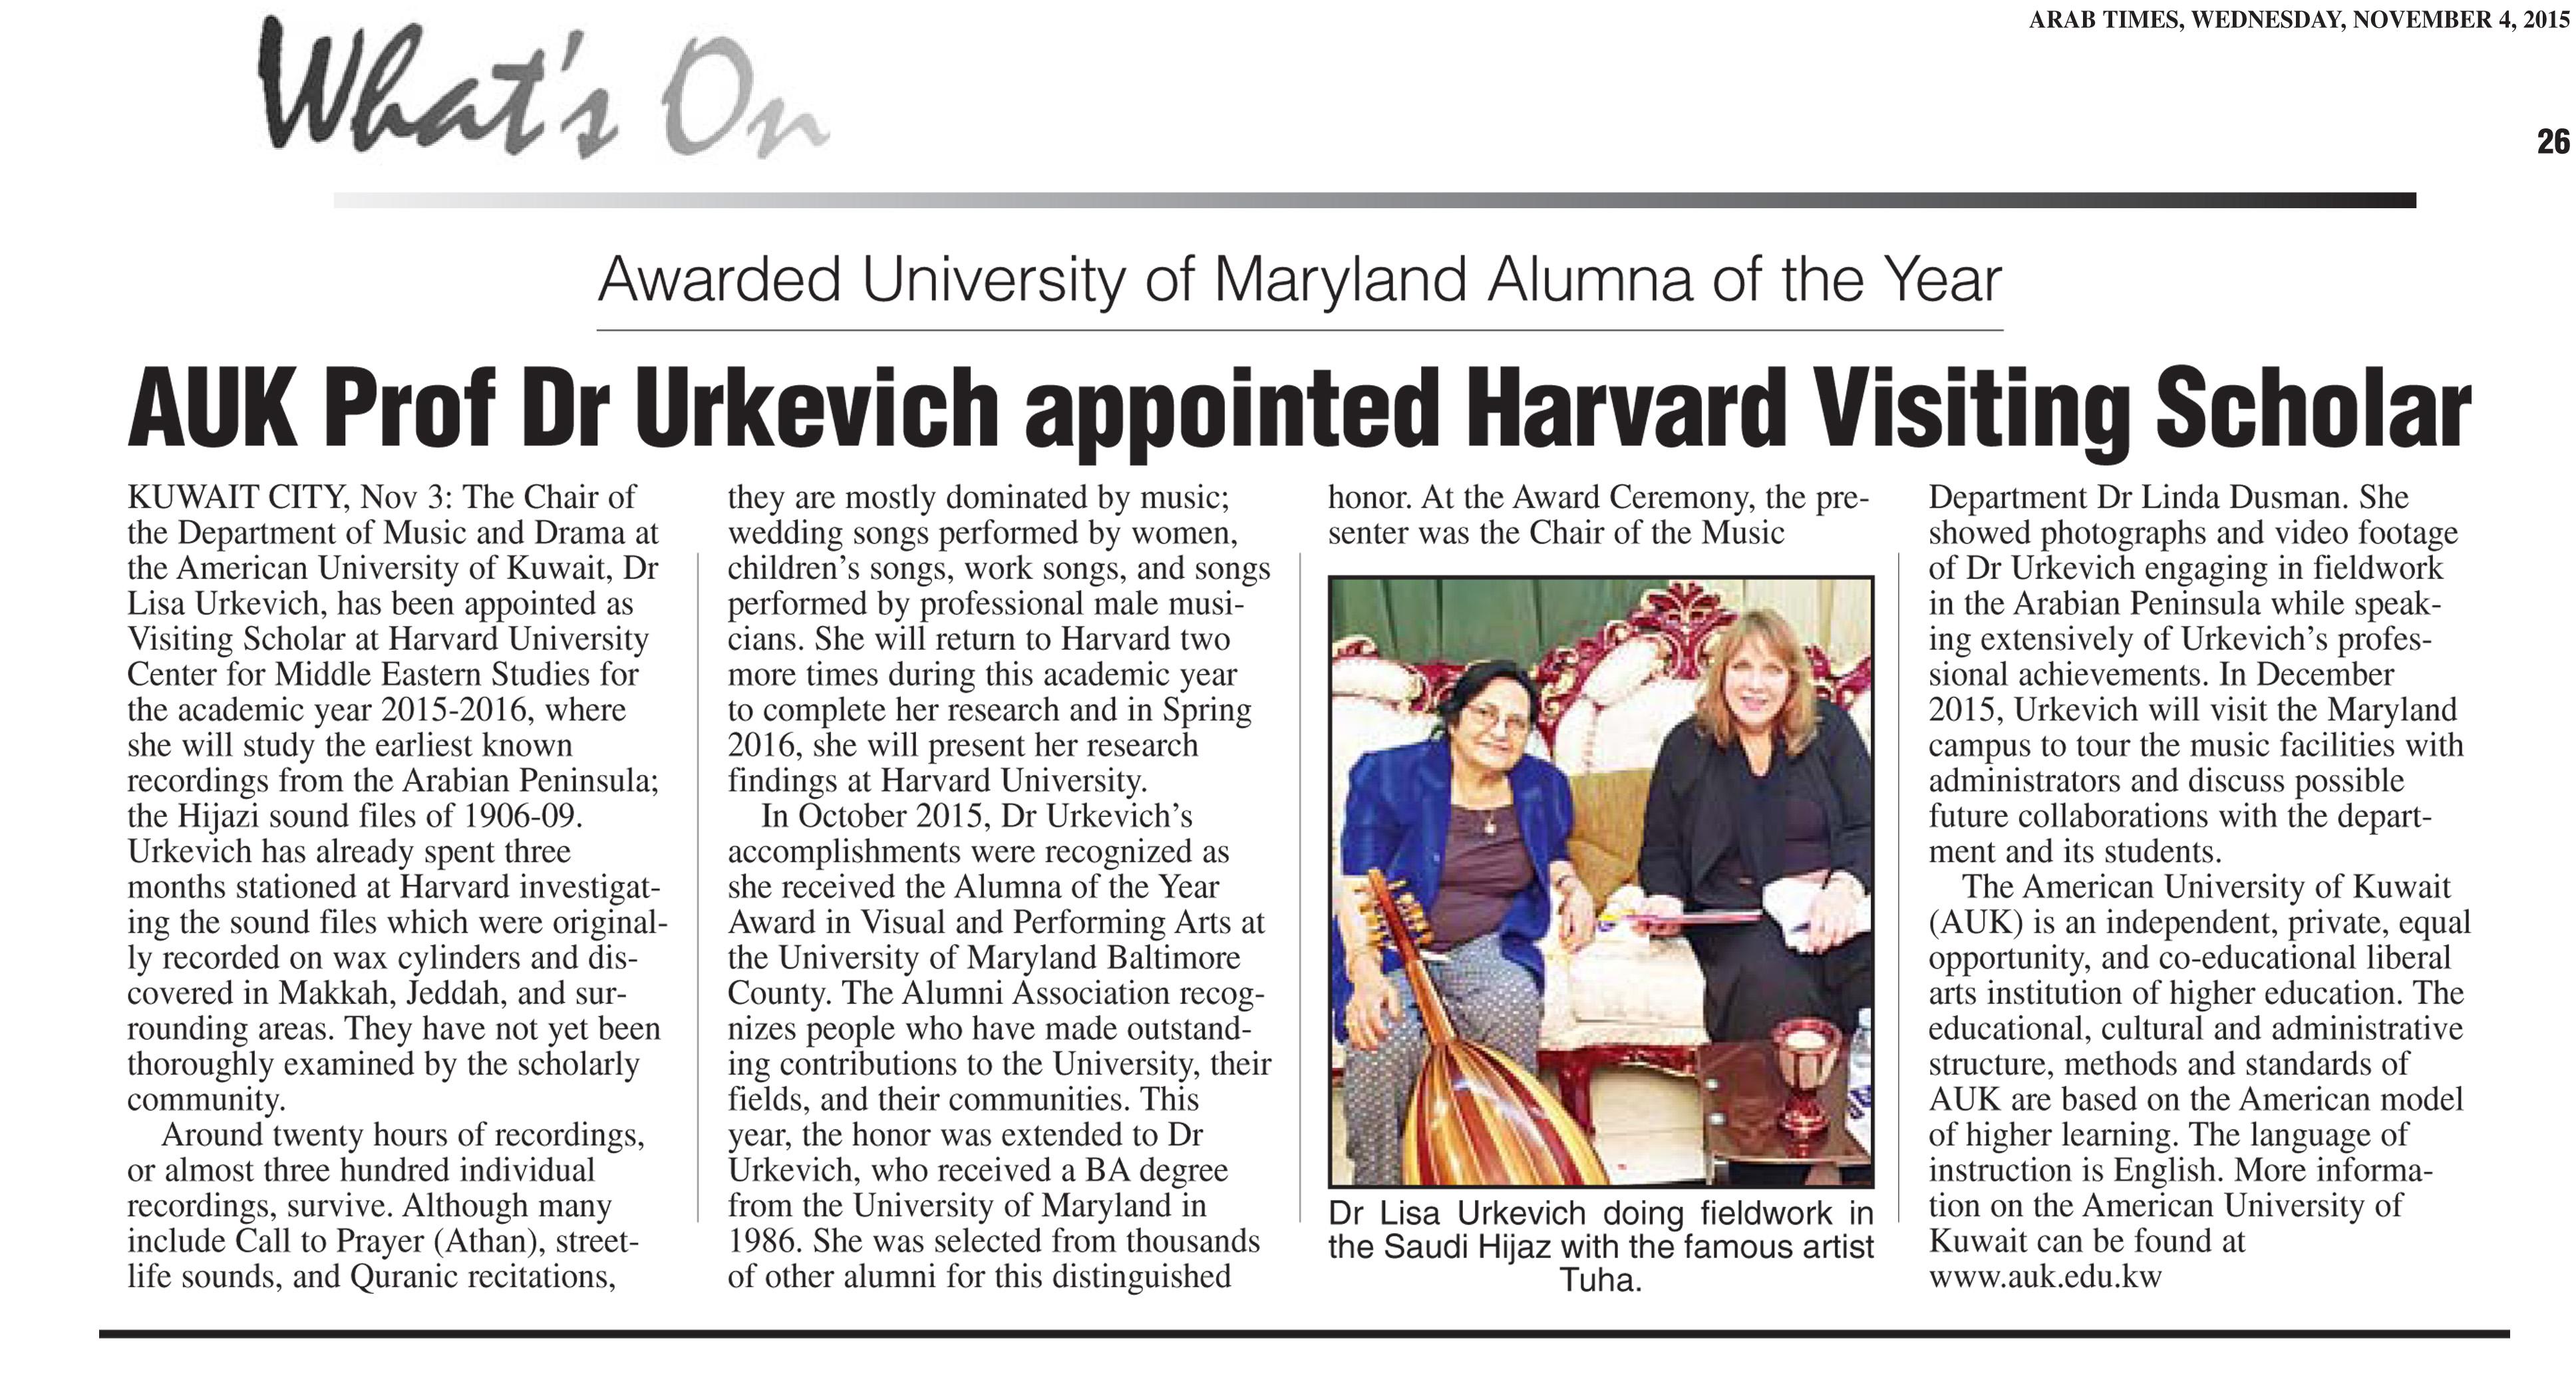 Harvard Visiting Scholar